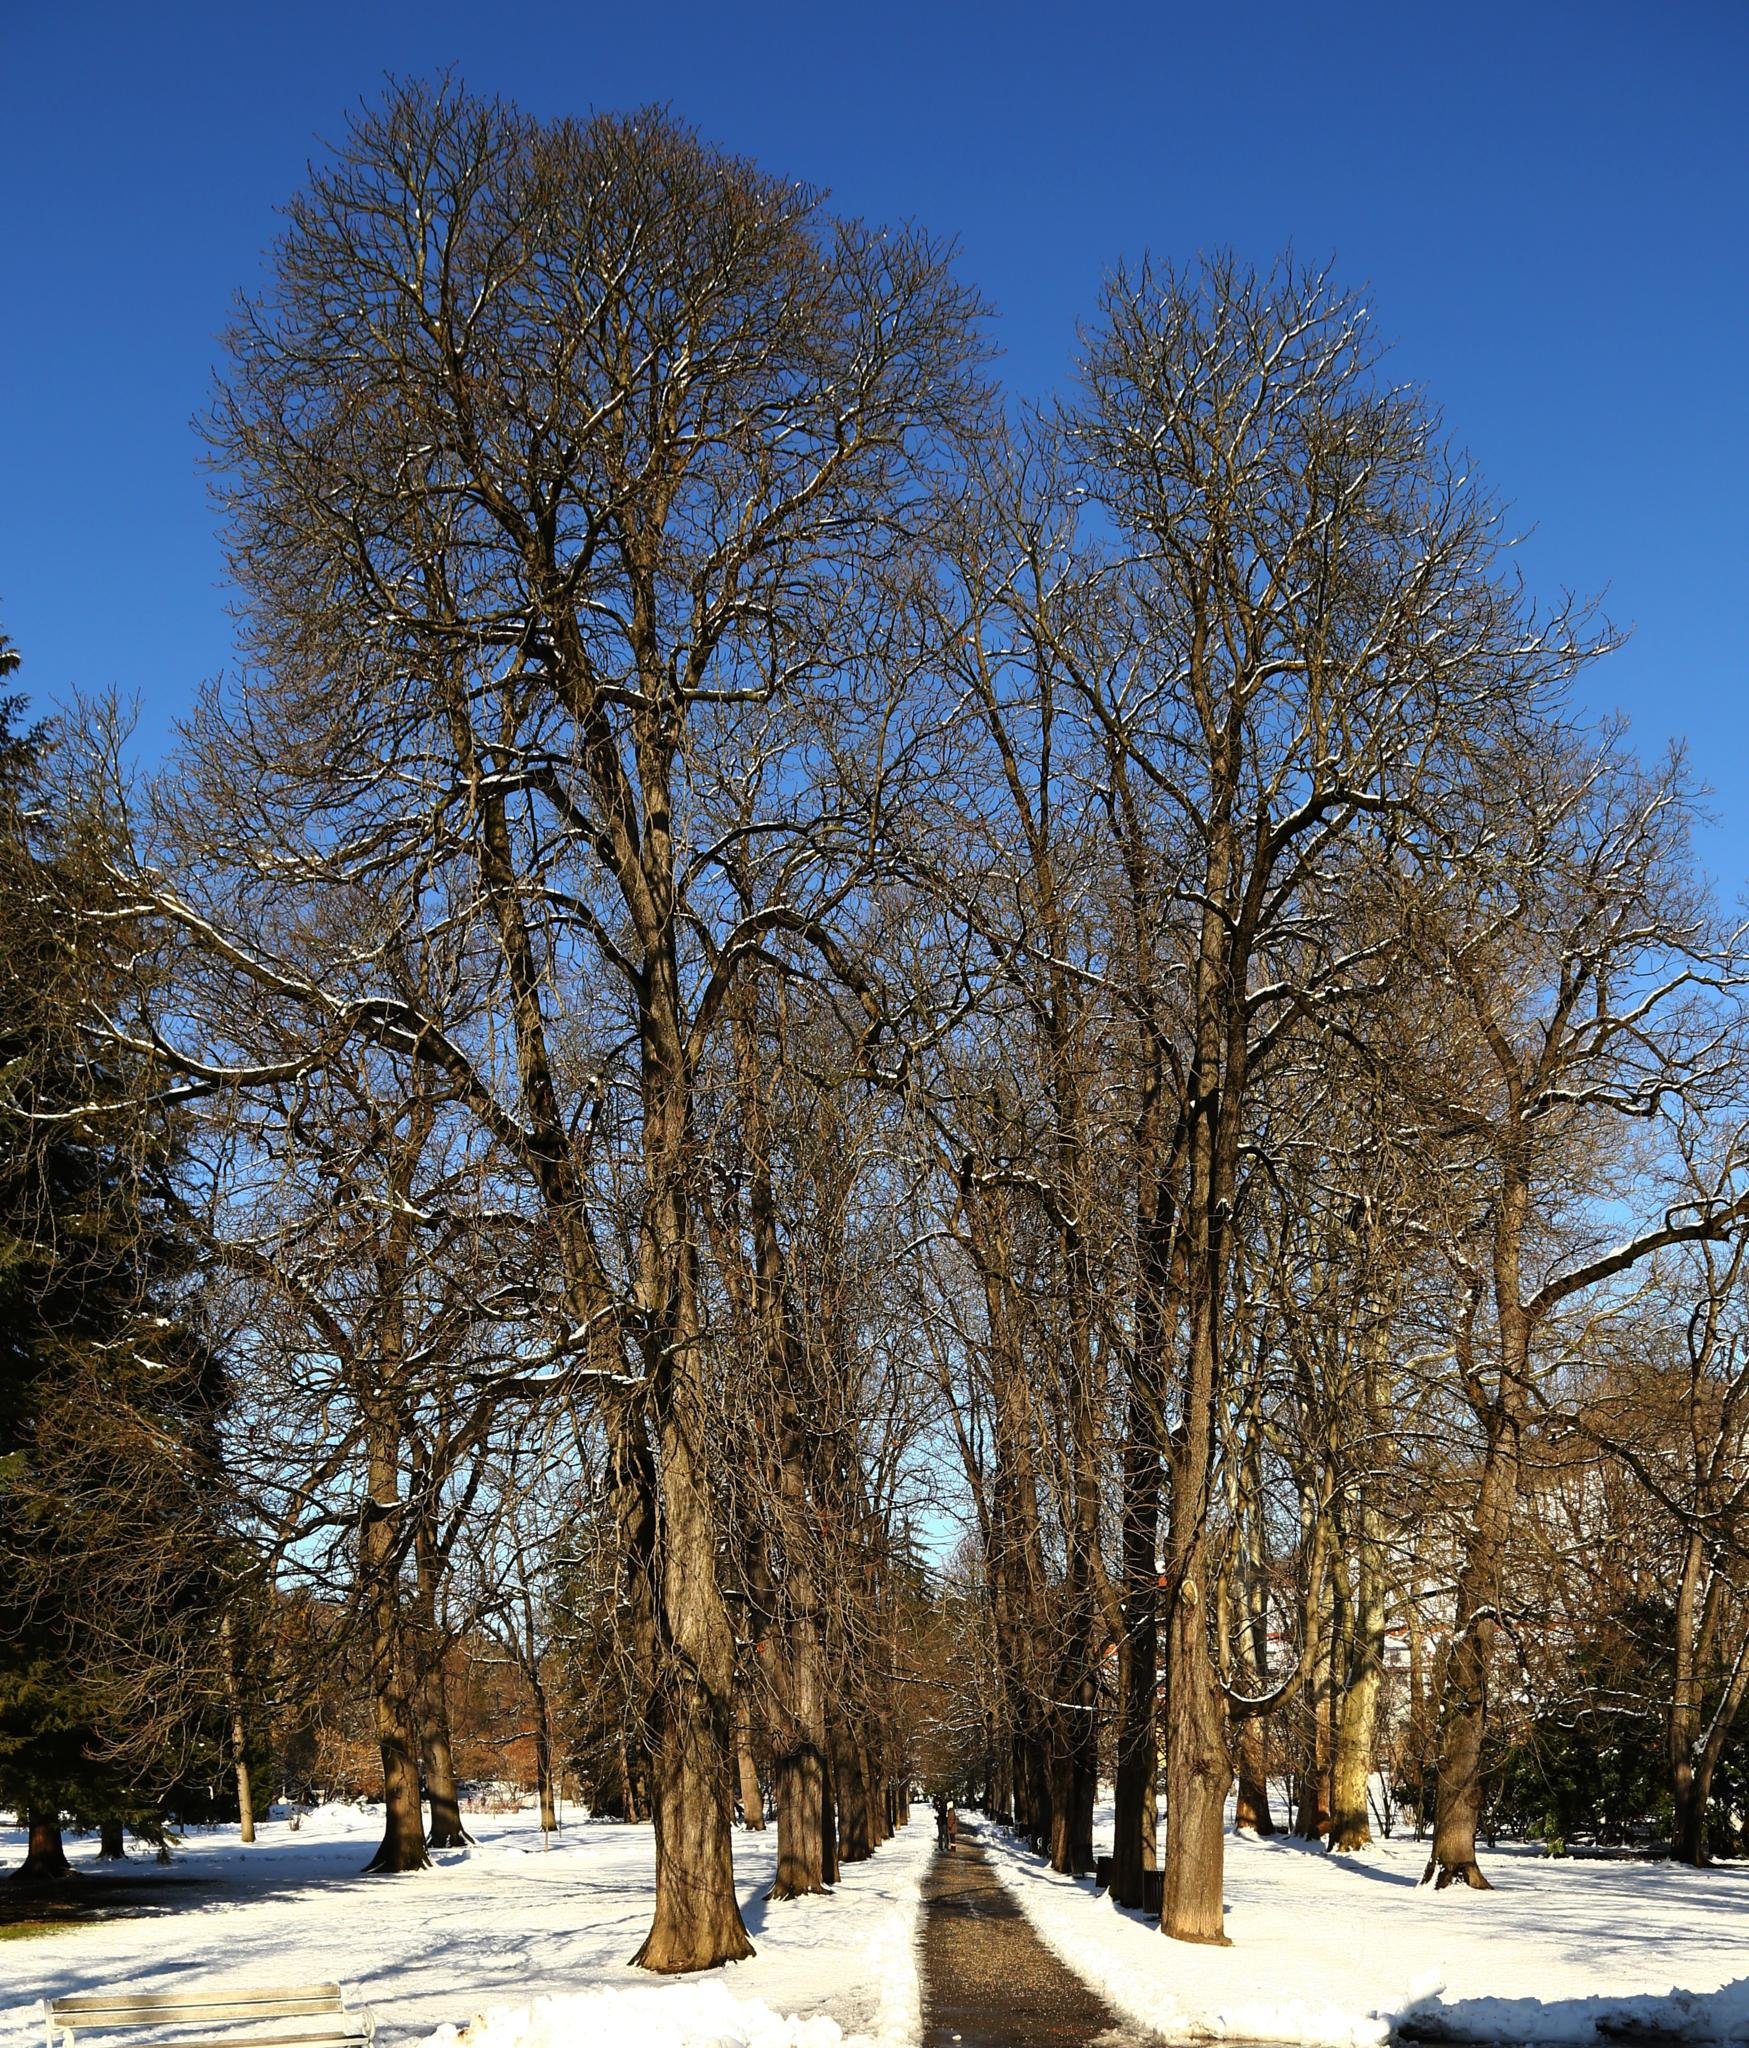 zimska drevored by meteor14avgust